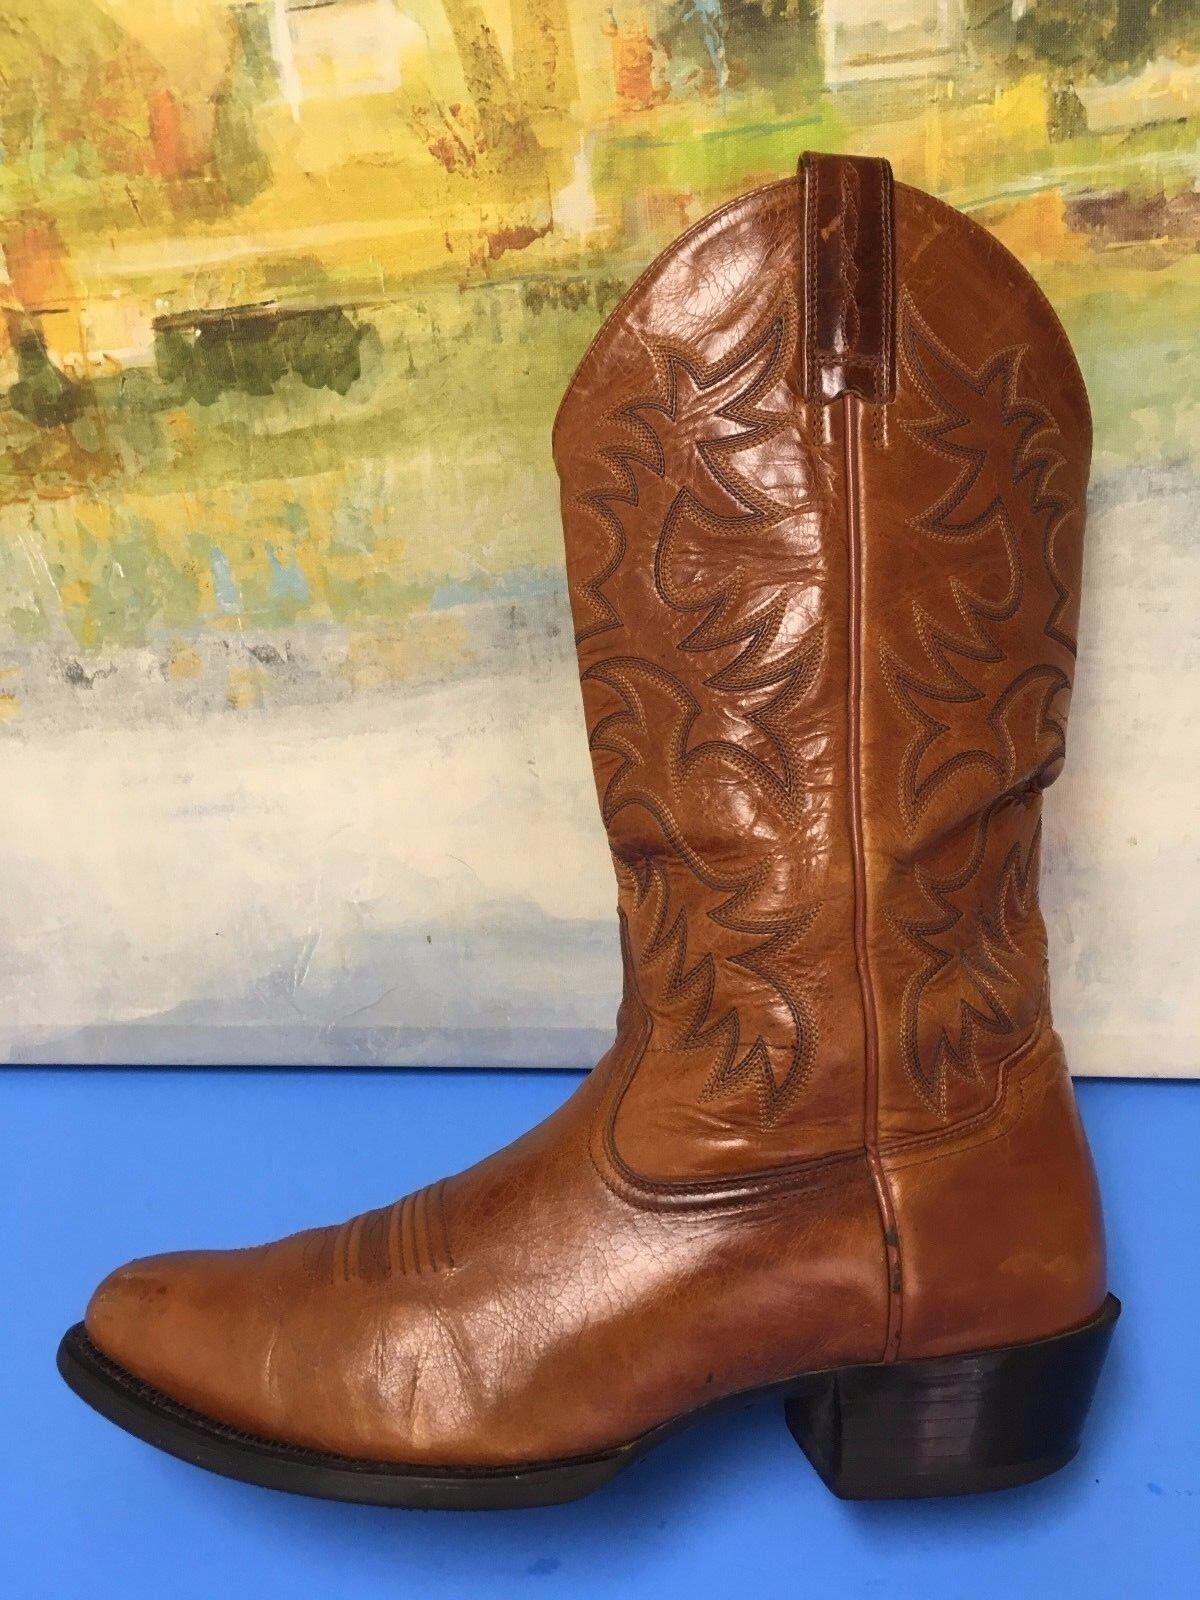 ARIAT  Herren Leder Western Cowboy Stiefel Braun Patterned Style  34740 Größe 10.5D